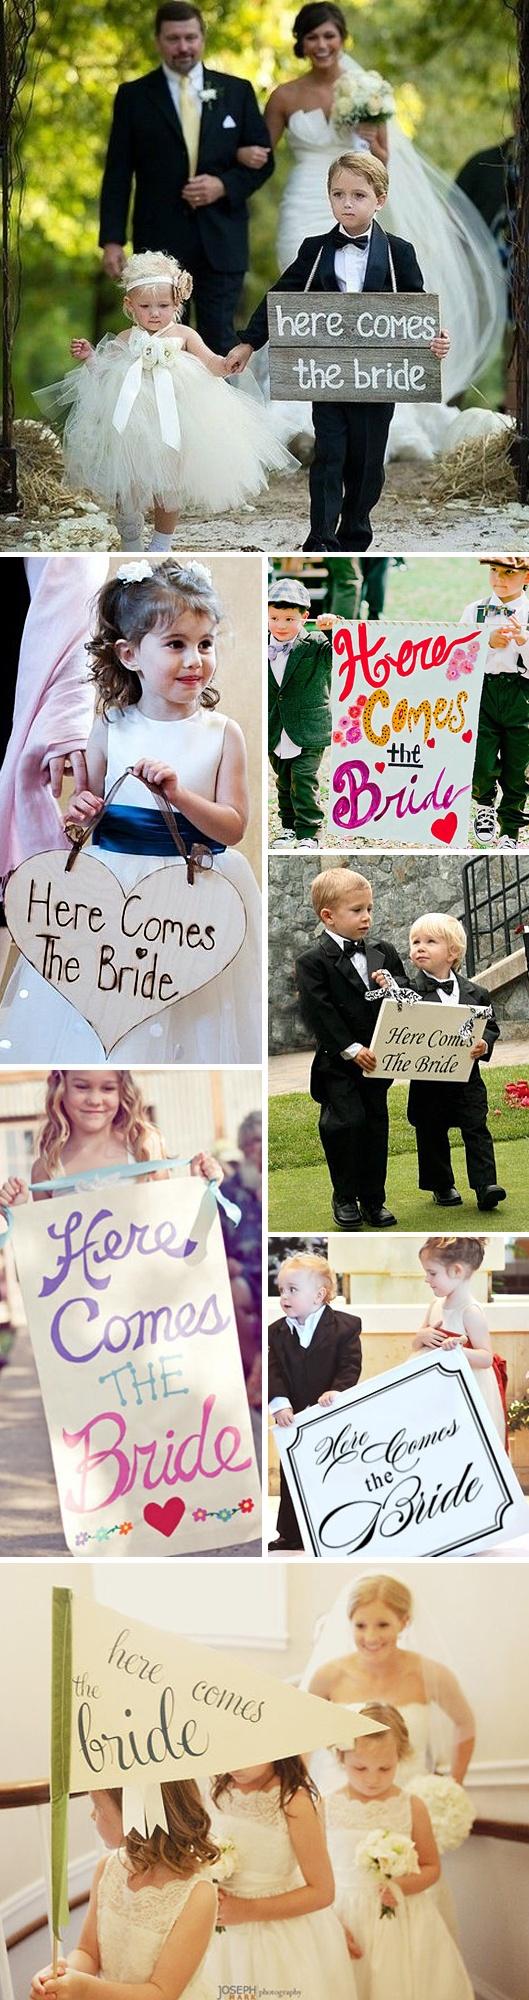 colores-de-boda-llega-la-novia-7